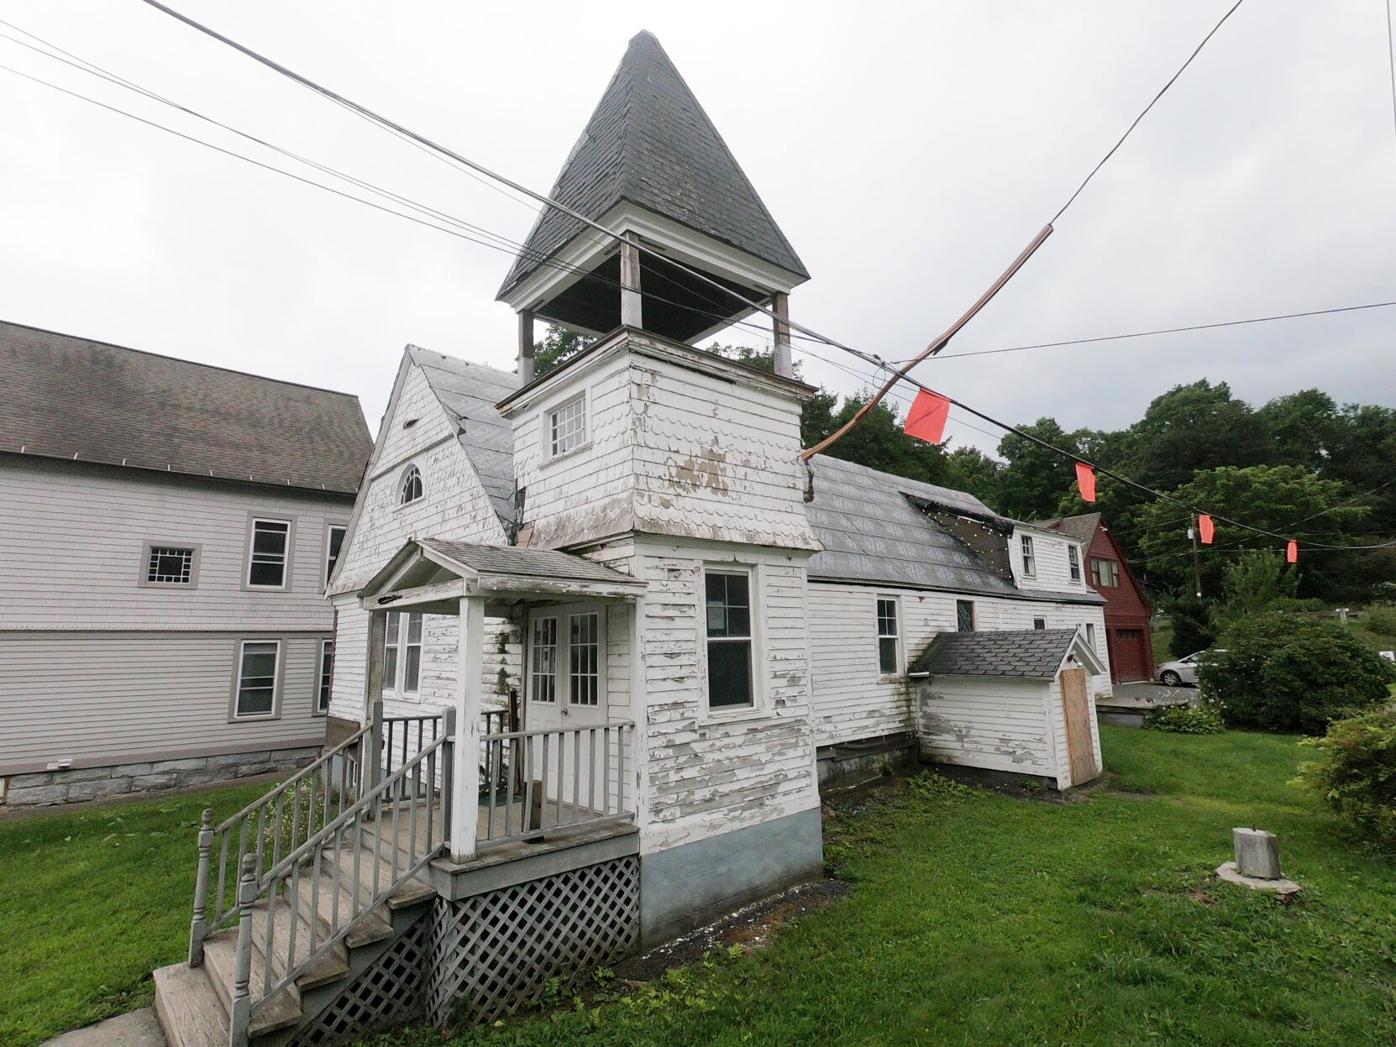 The Clinton AME Zion Church